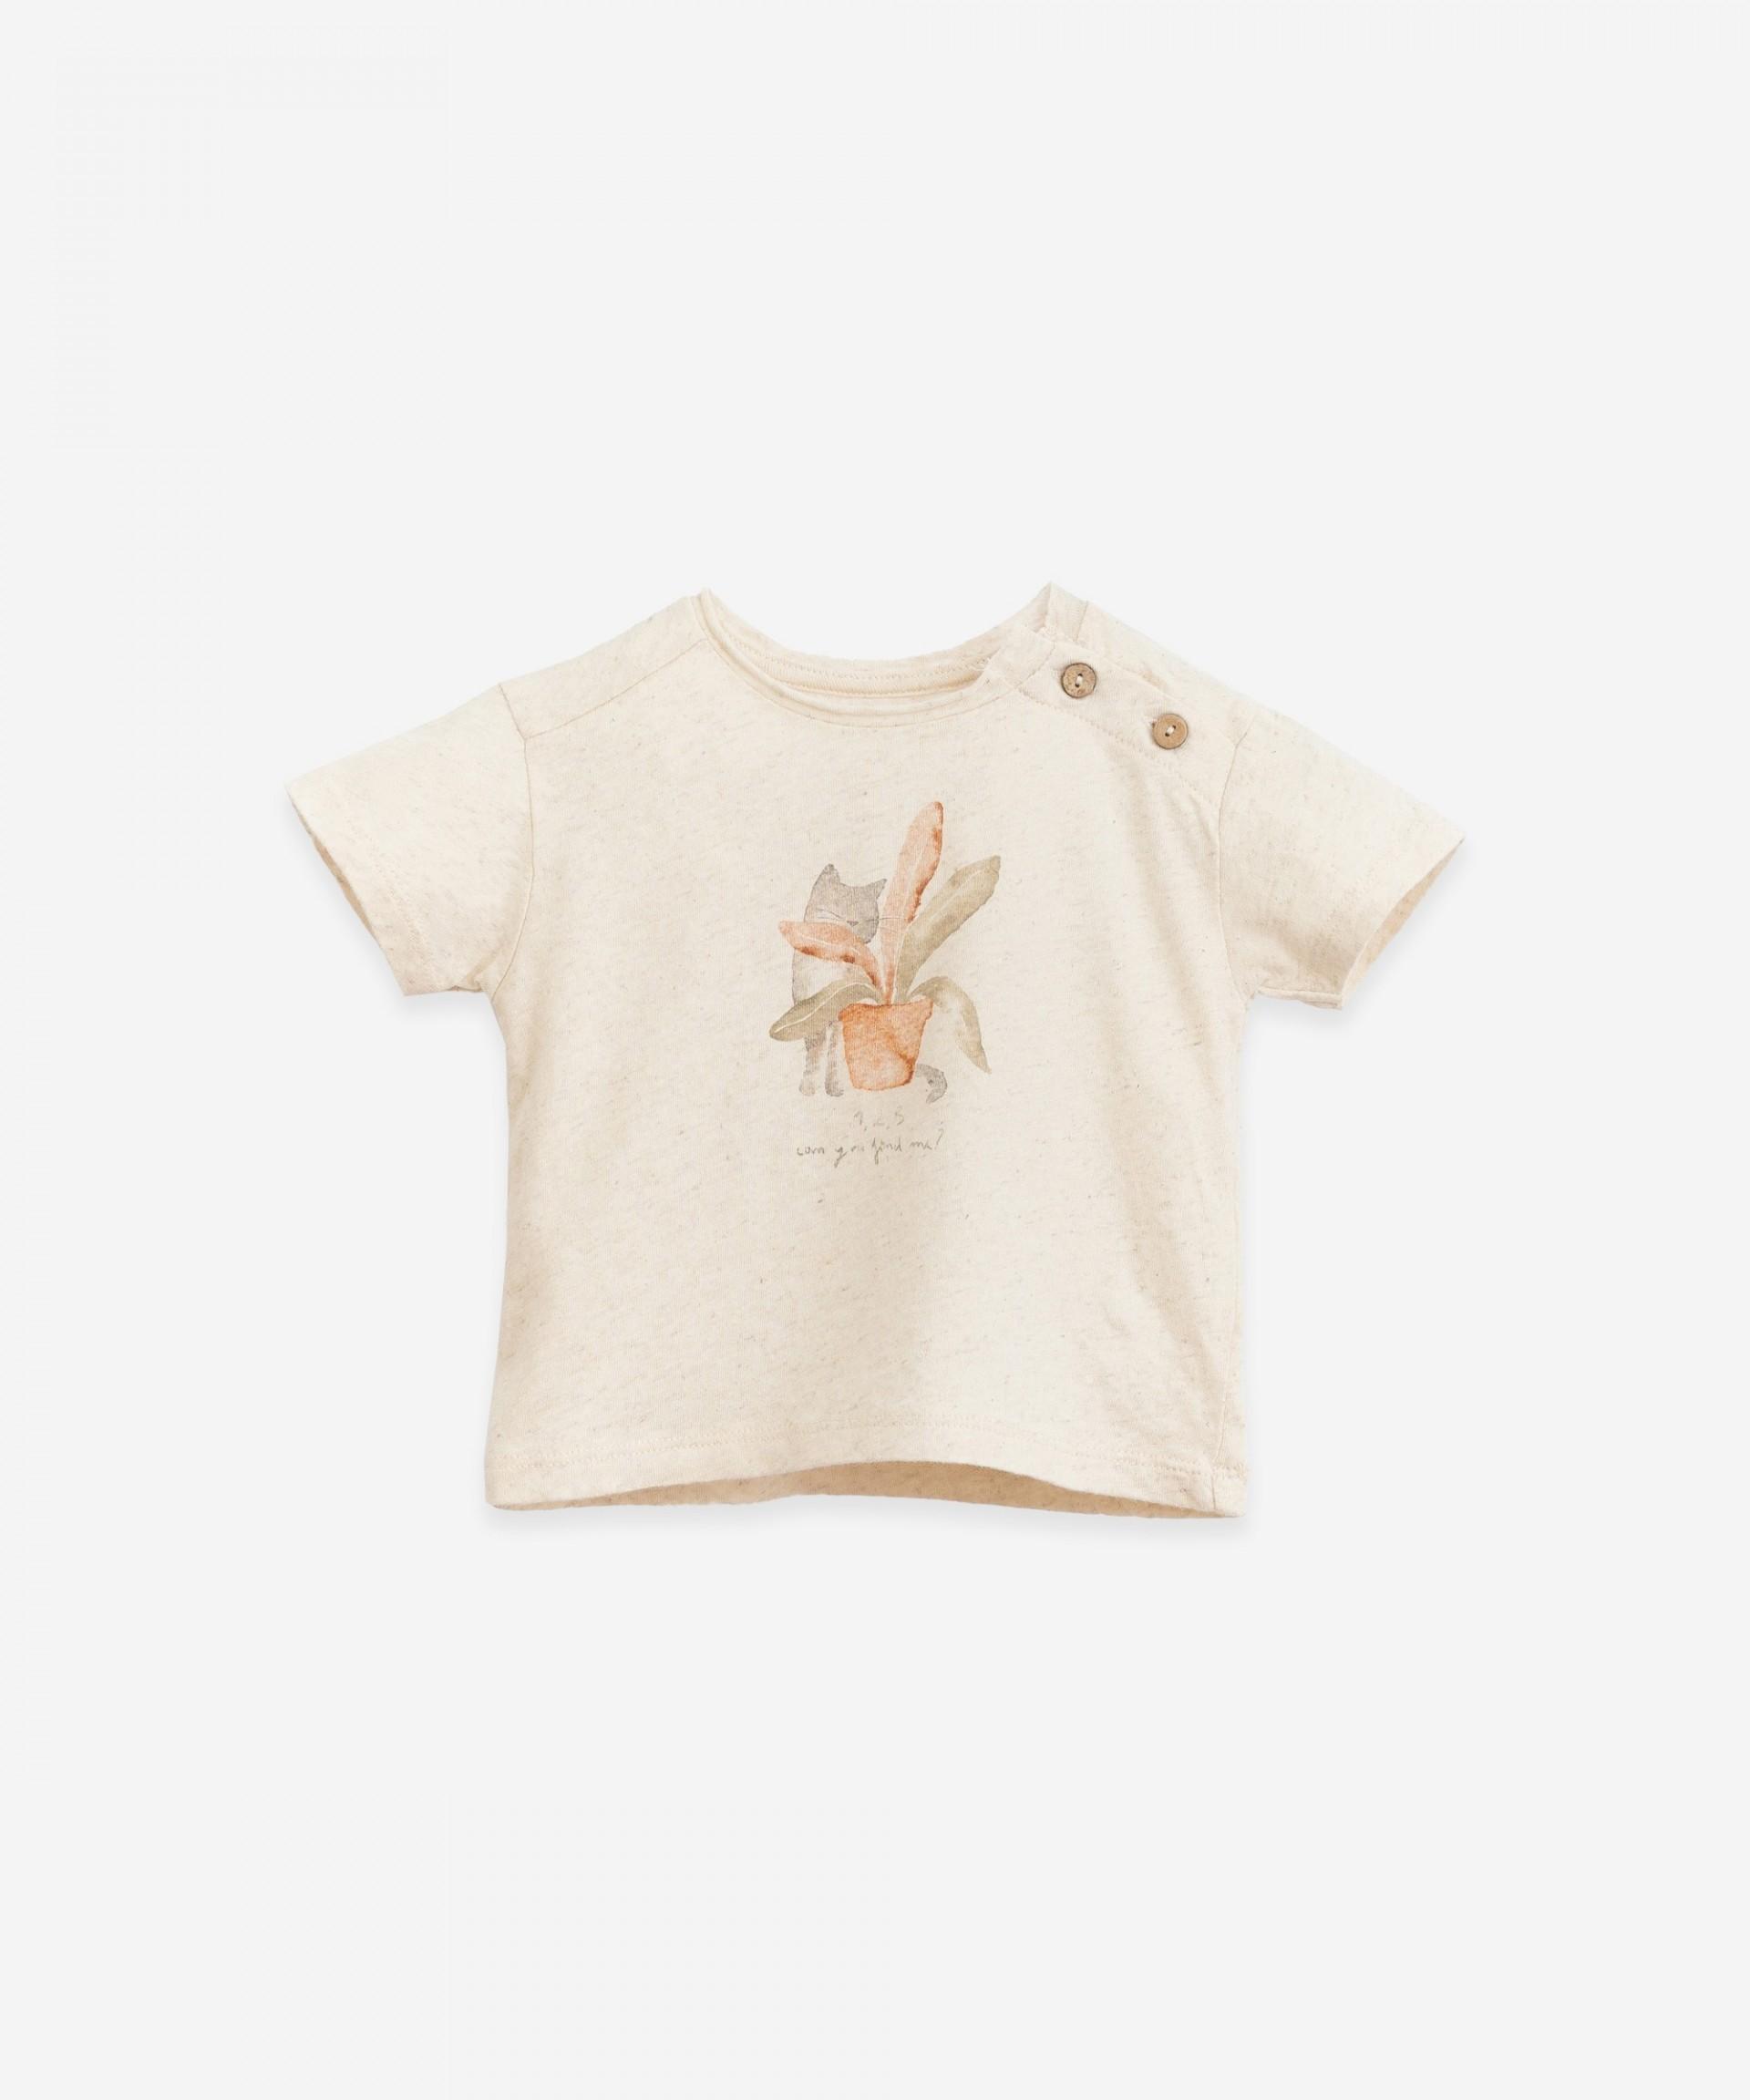 Camiseta con dibujo | Botany